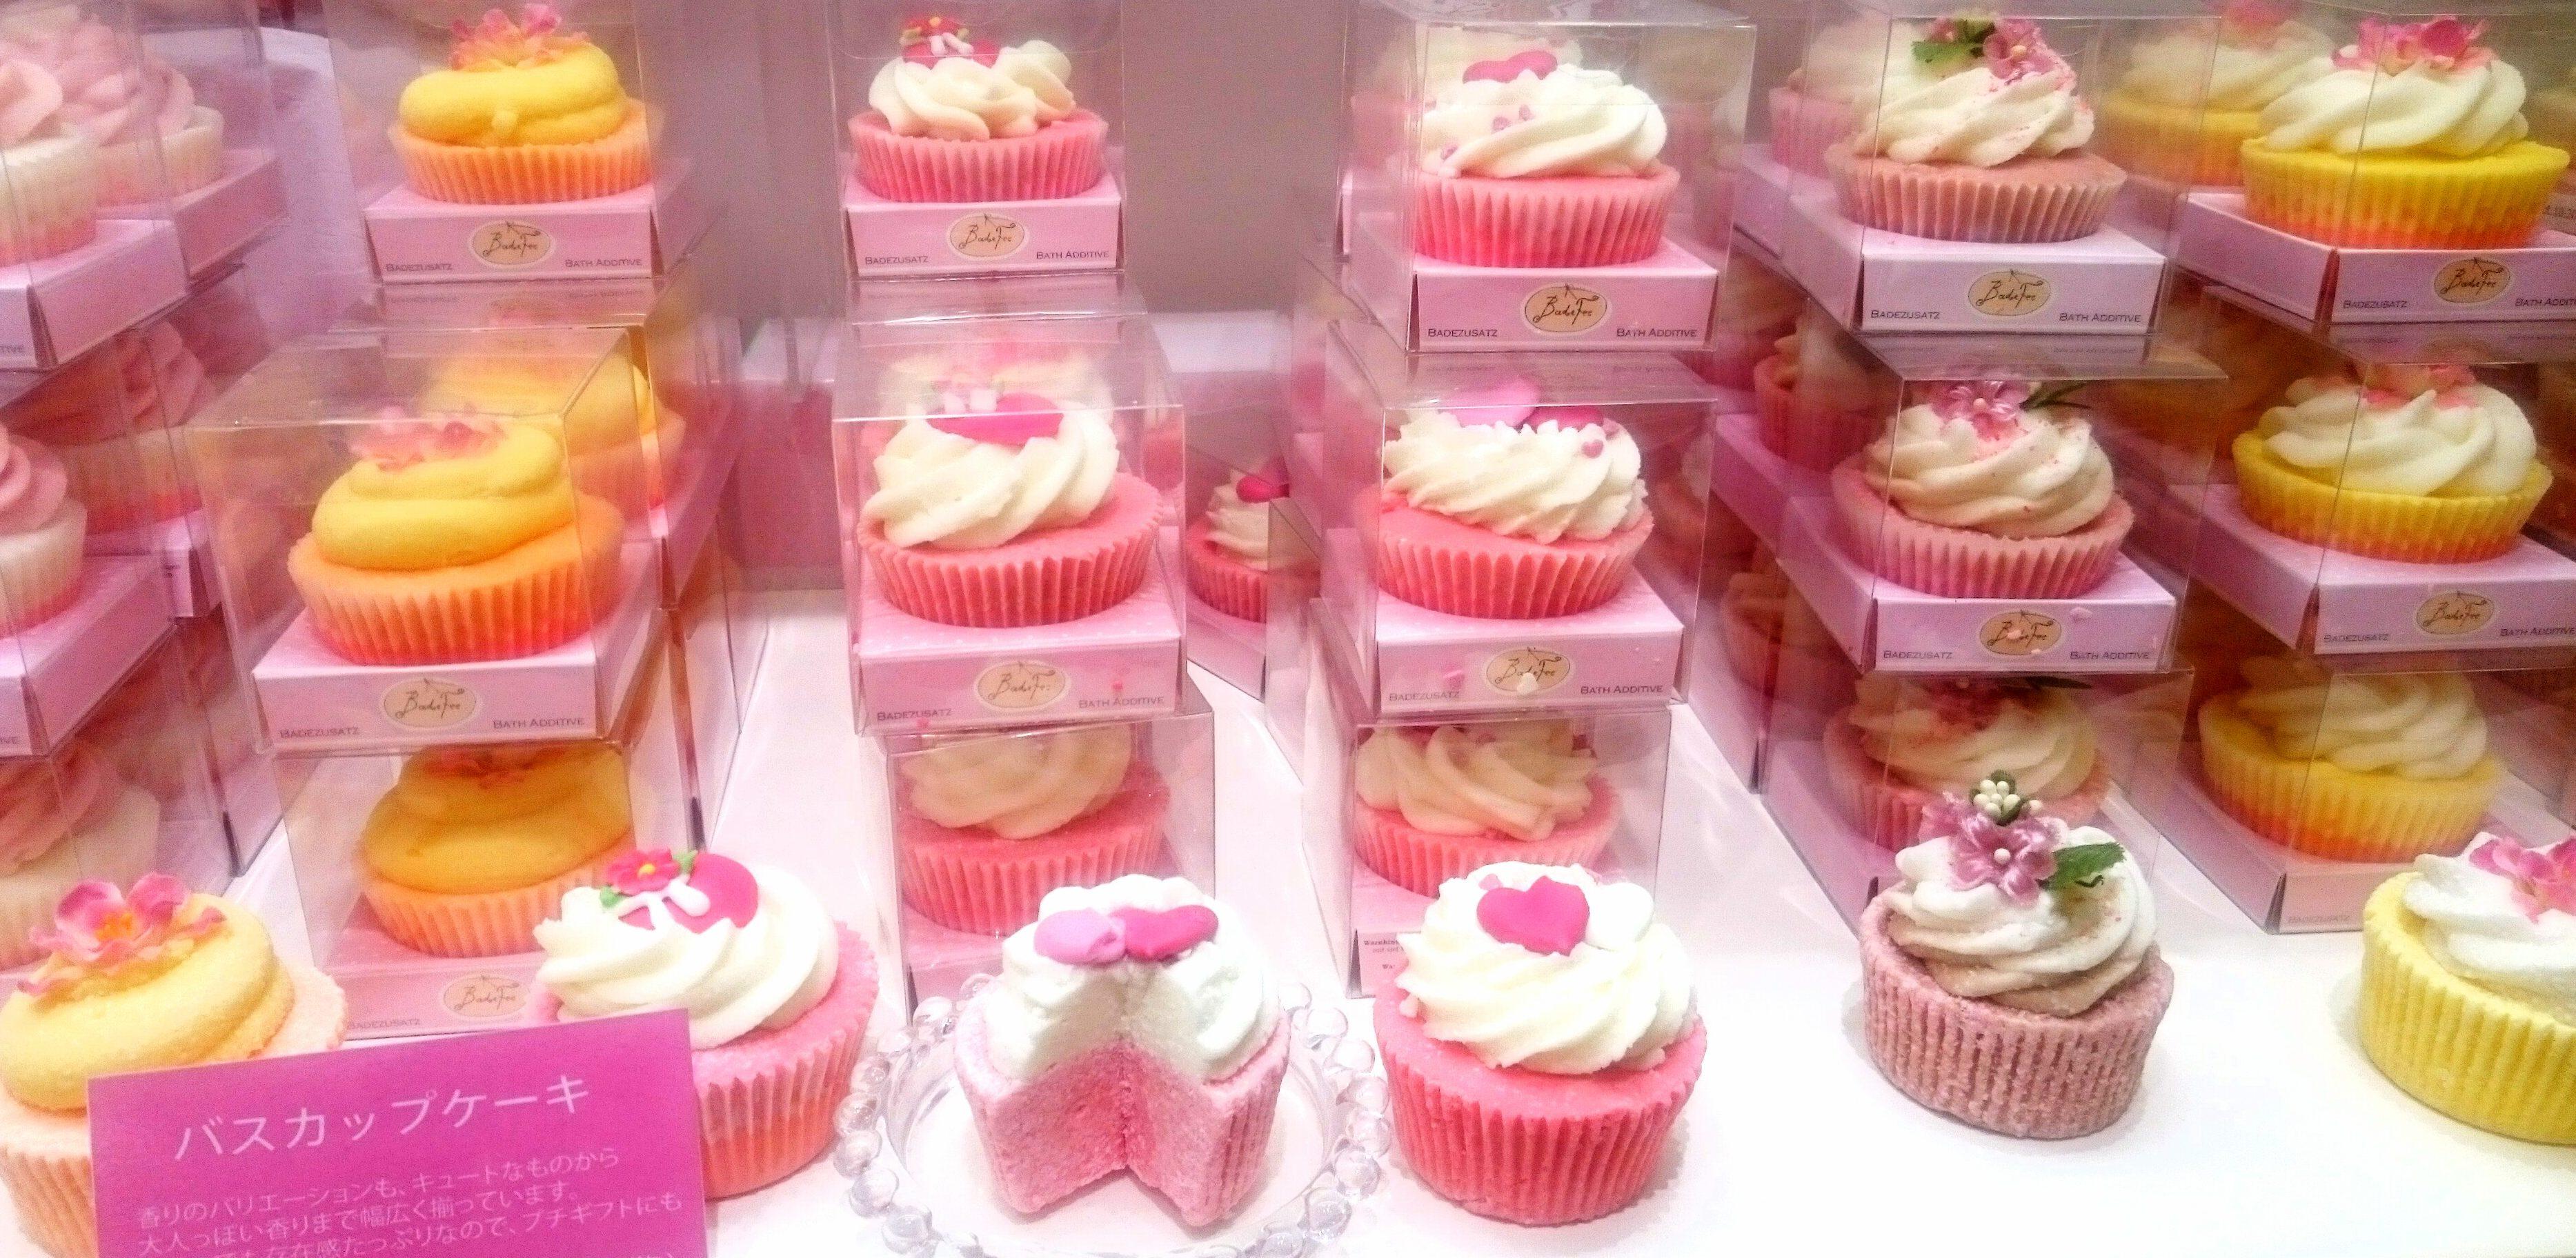 女性が喜ぶプレゼント☆これ、カップケーキじゃありません!